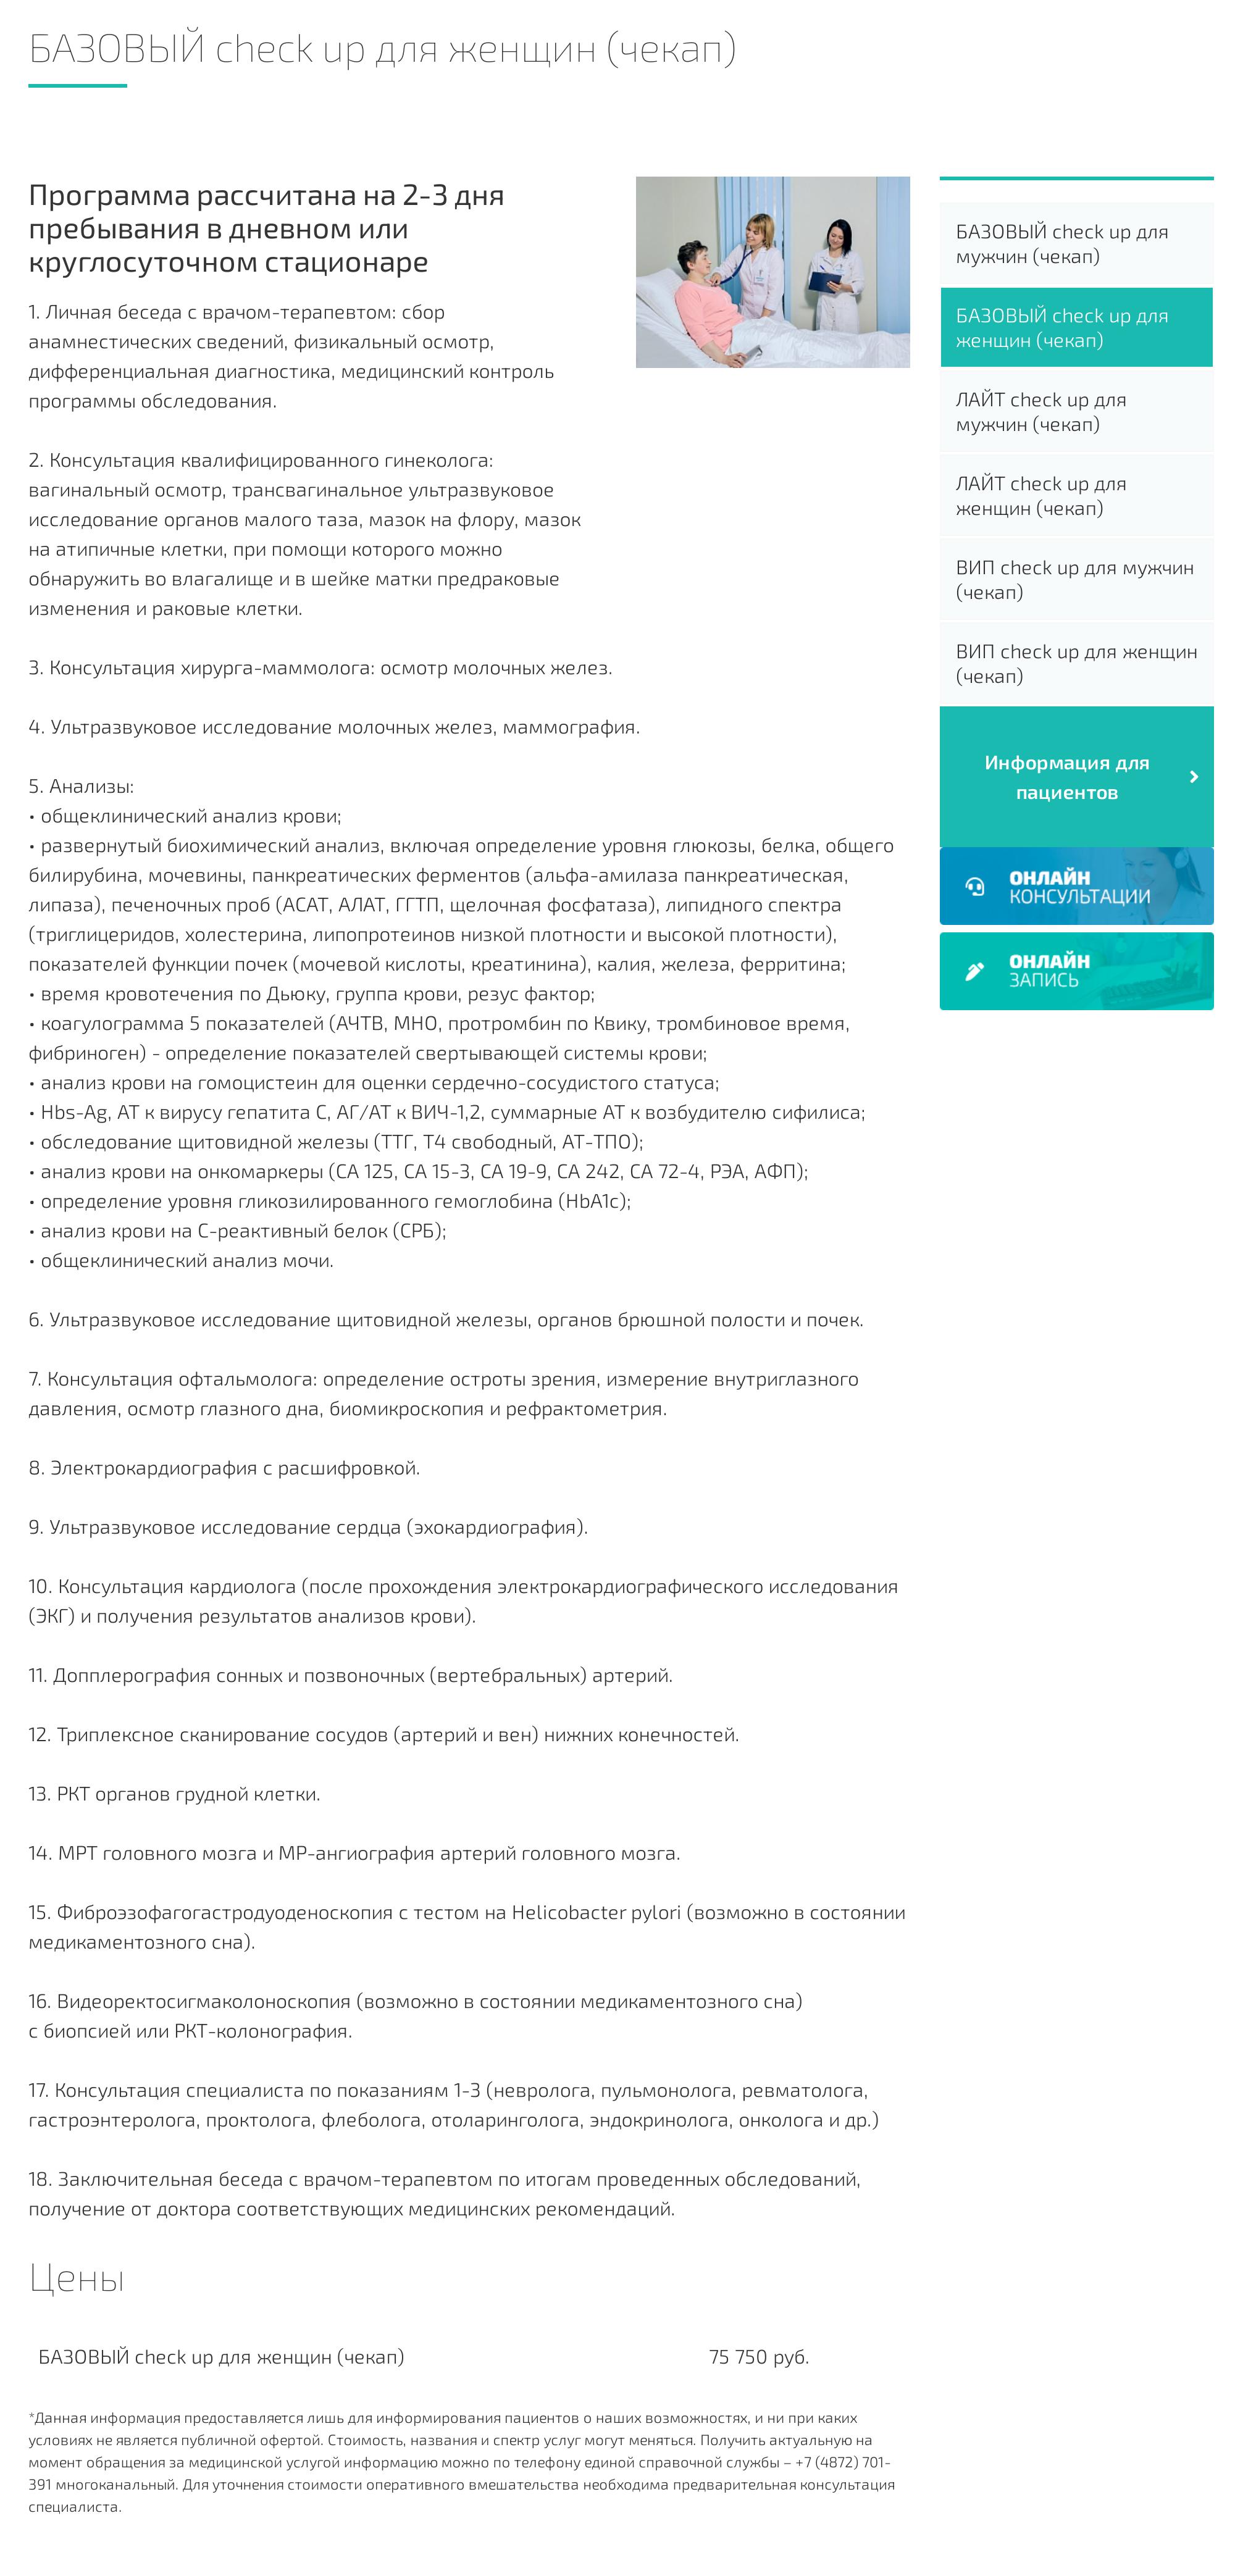 В этом&nbsp;же центре можно пройти полную диагностику организма, программа для&nbsp;женщин стоит 75 750<span class=ruble>Р</span>